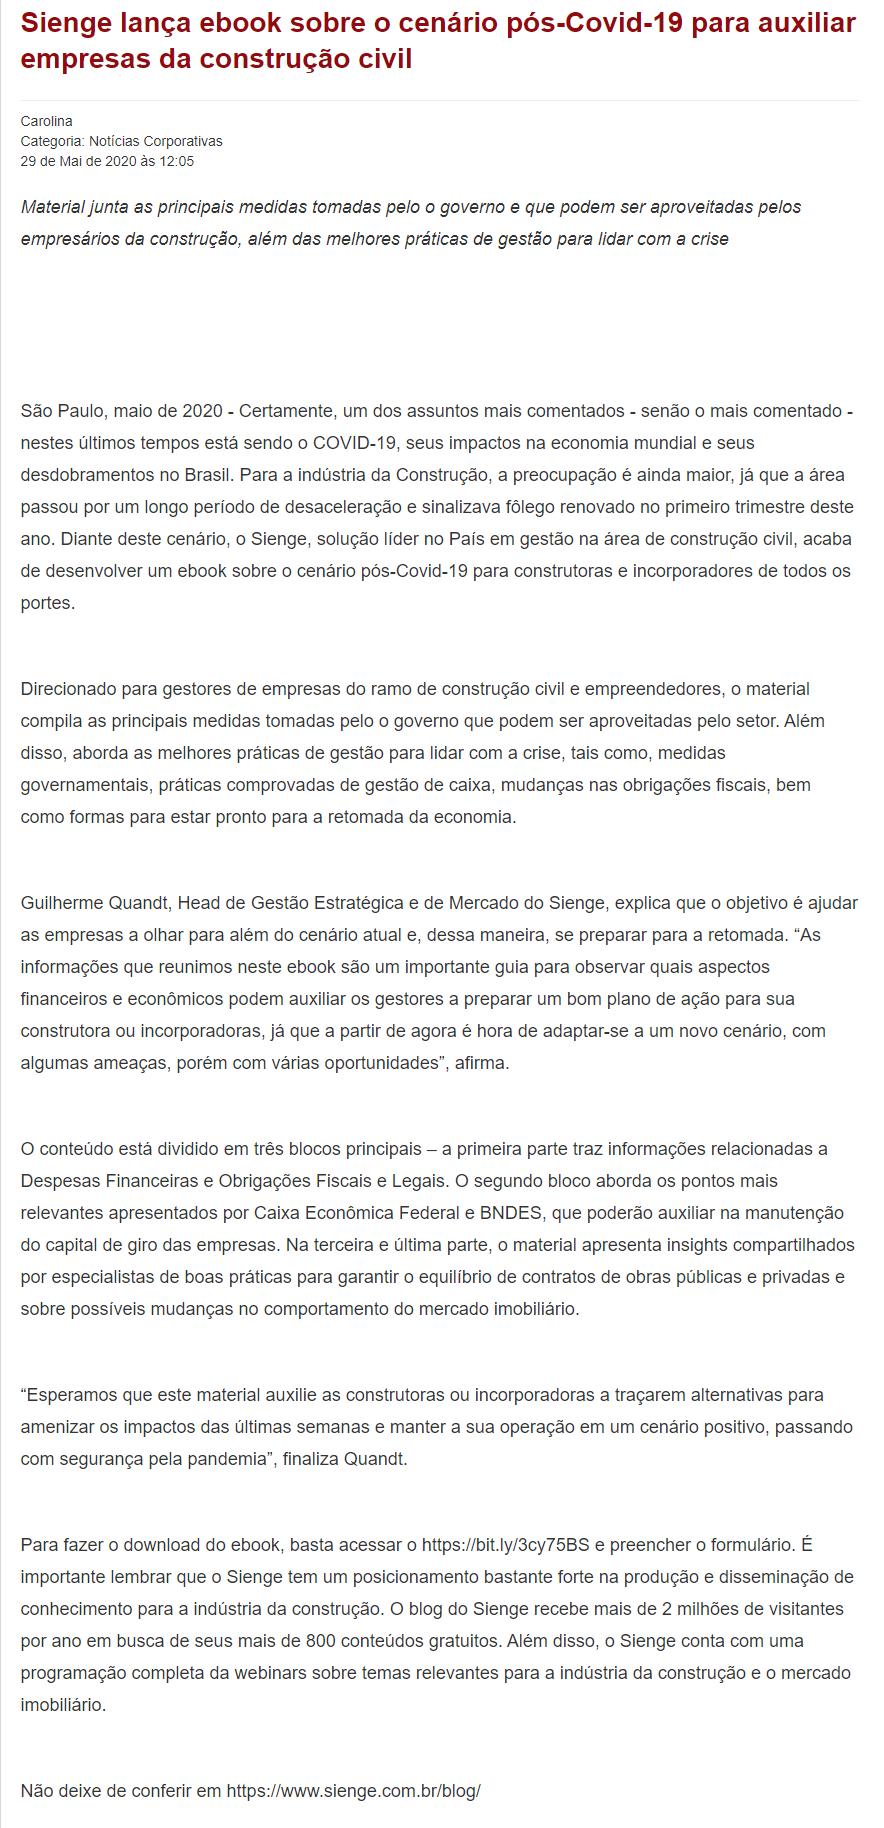 Sienge lança ebook sobre o cenário pós-Covid-19 para auxiliar empresas da construção civil - Portogente